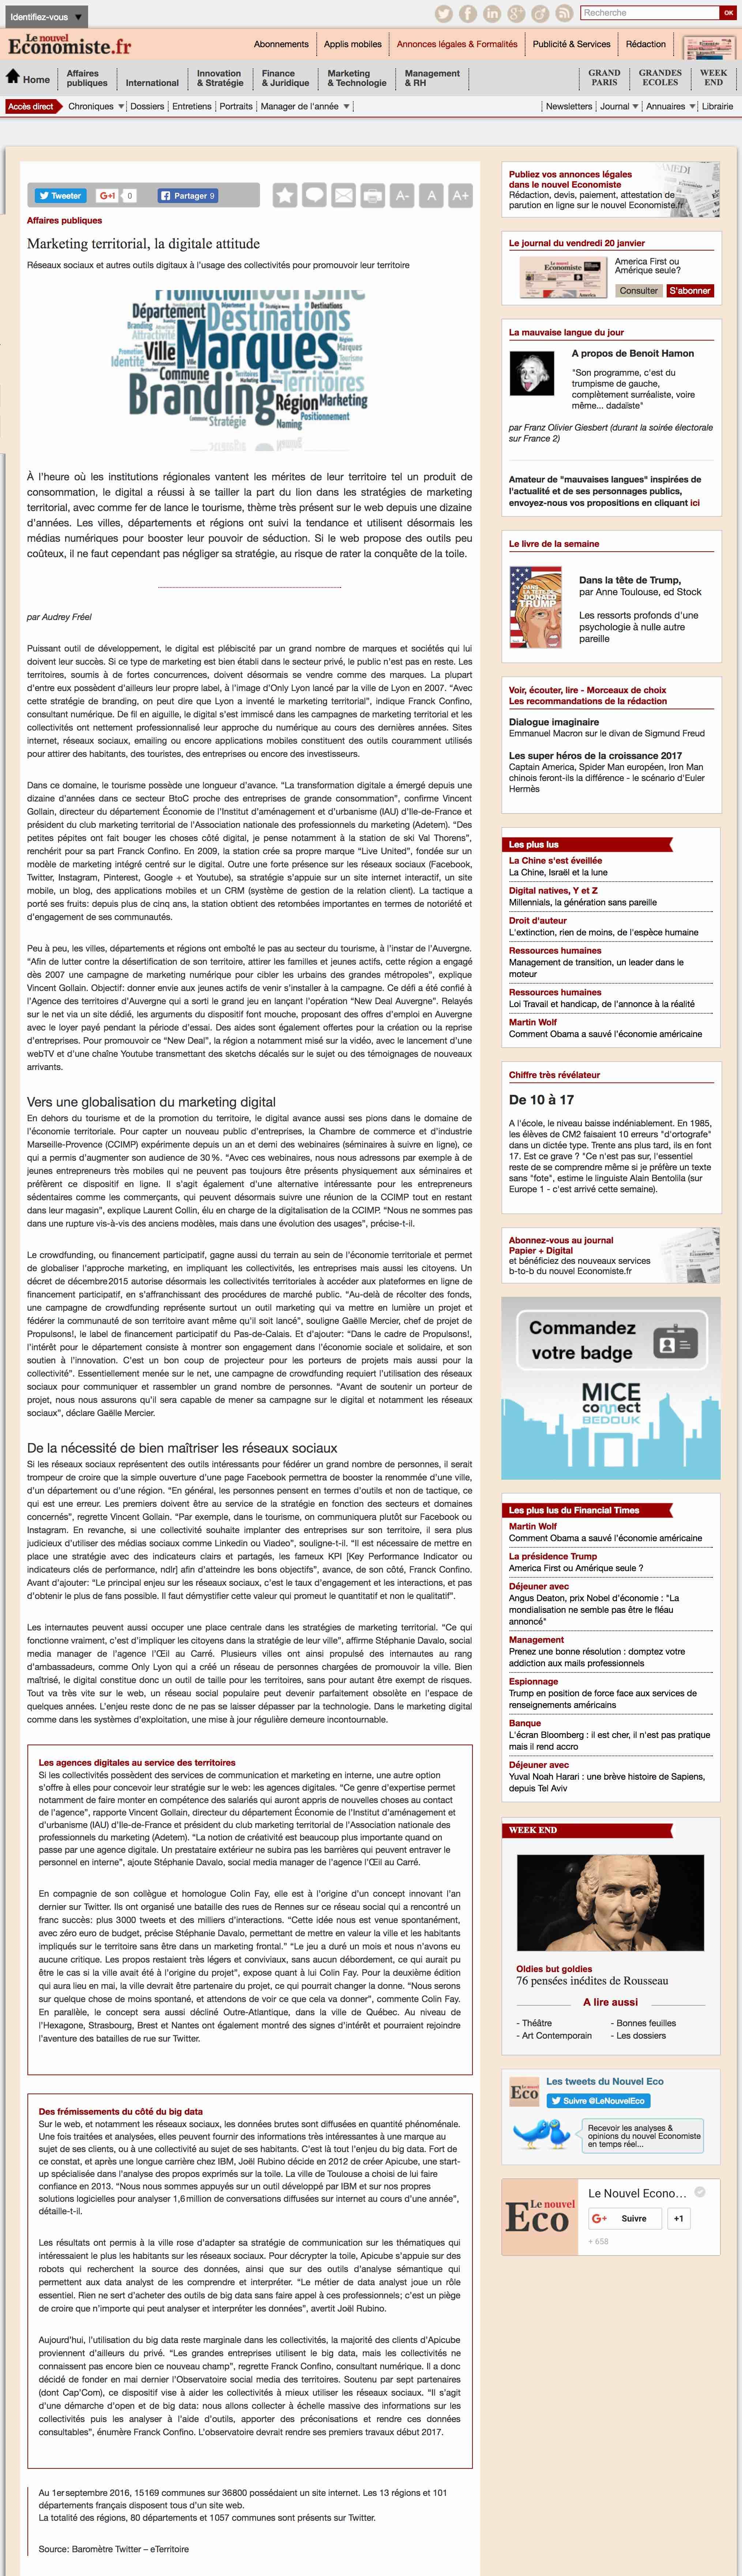 NouvelEconomiste-digitale-attitudfe